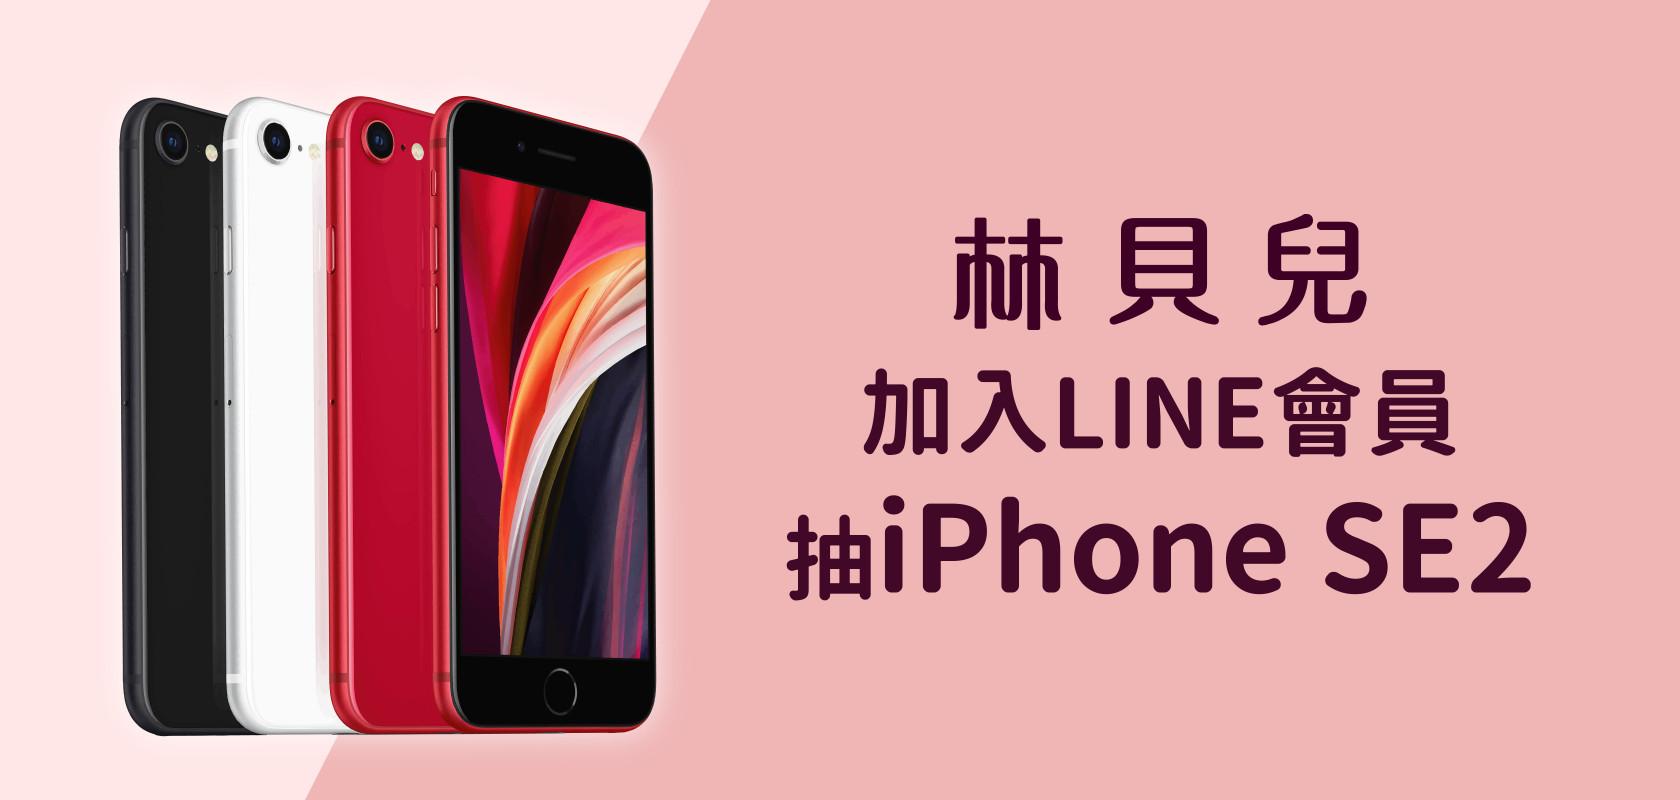 林貝兒加入Line會員抽iPhone SE2